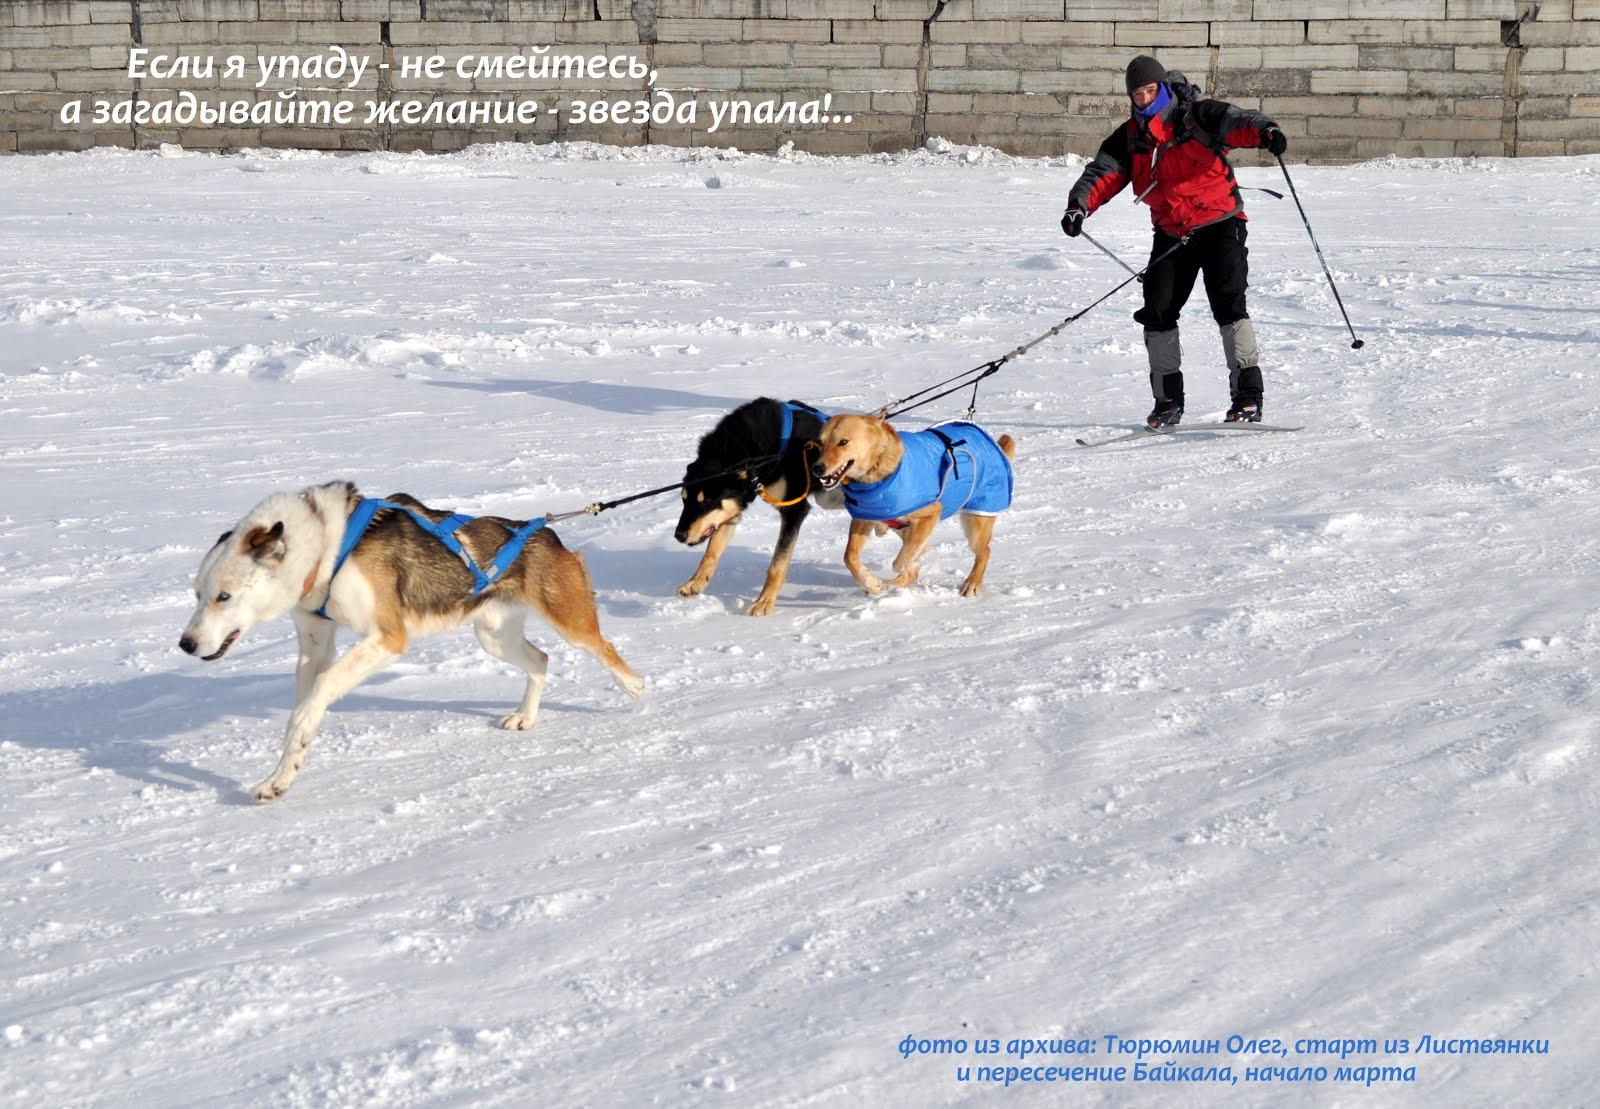 Олег Тюрюмин, экспедиционный многодневный скиджоринг